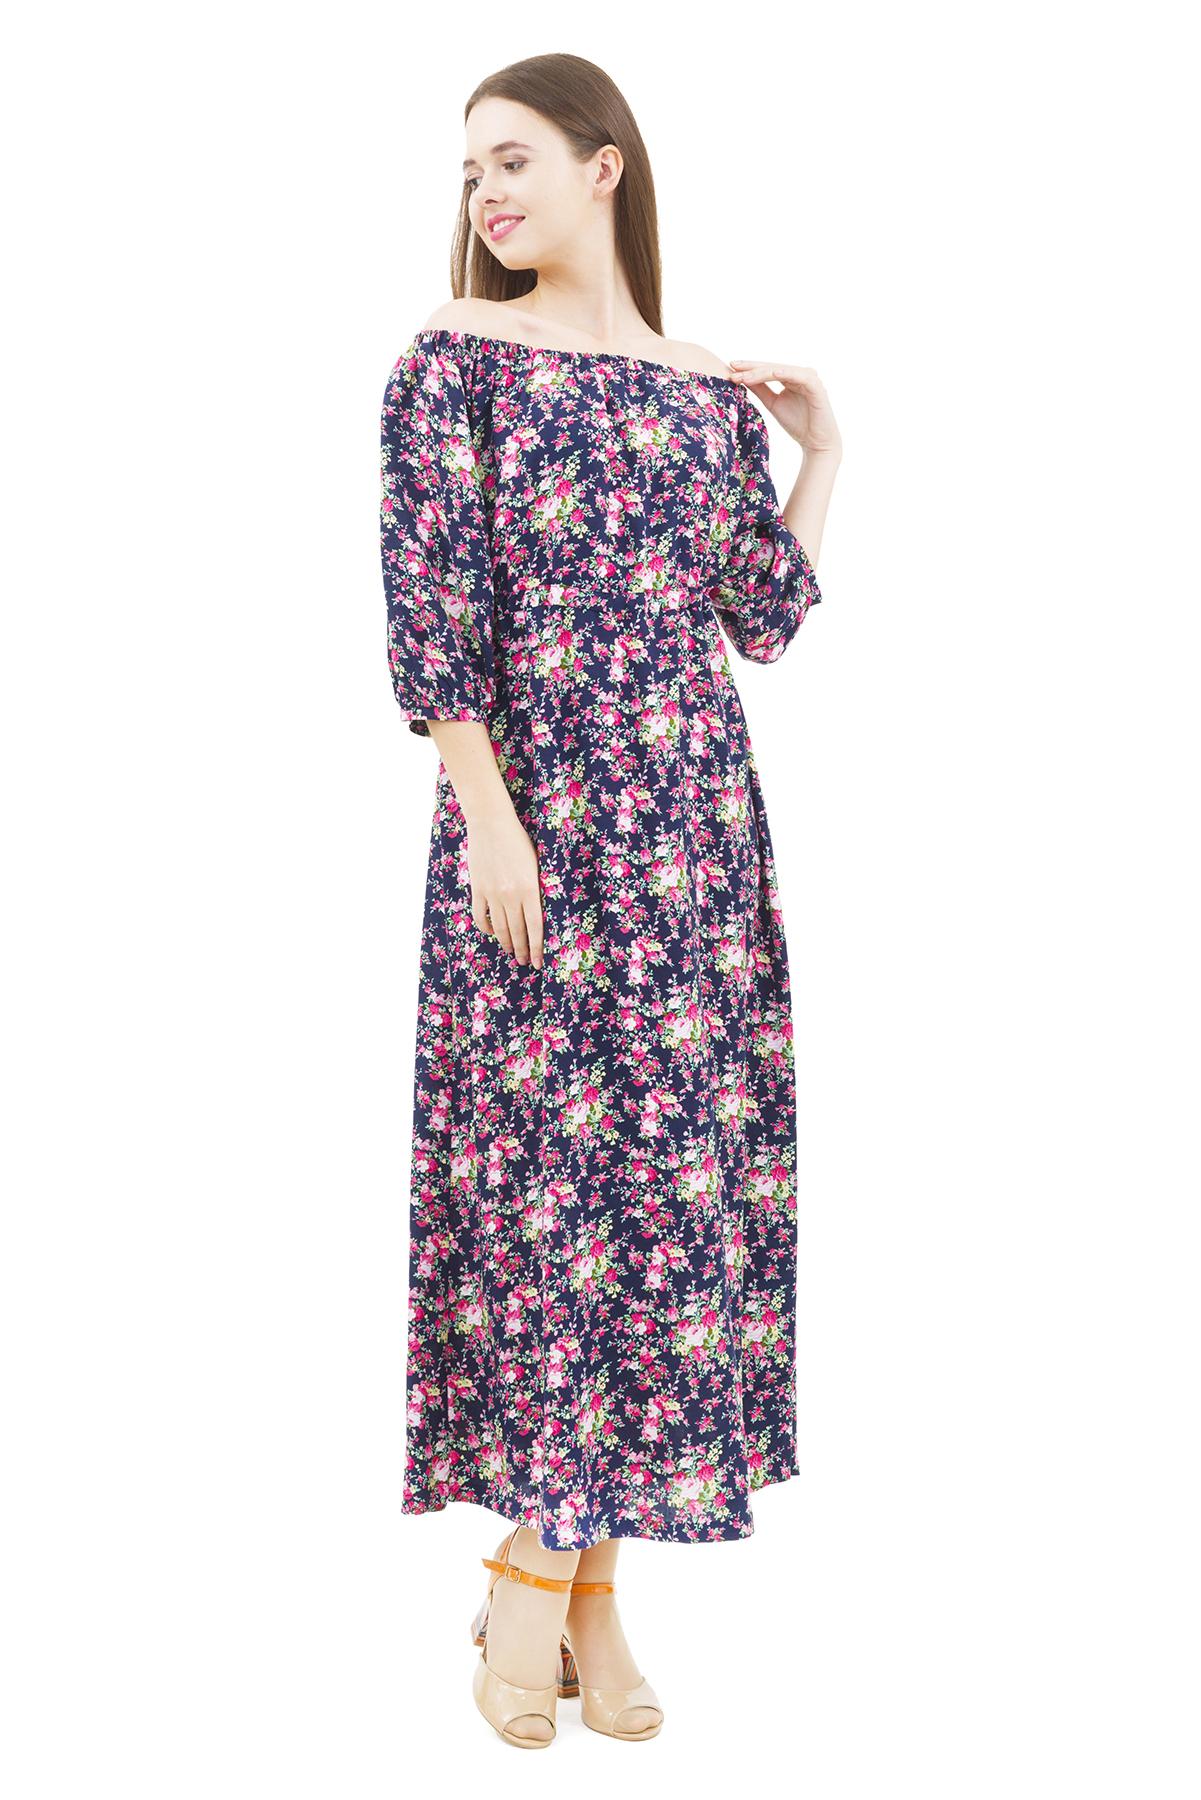 ПлатьеПлатья,  сарафаны<br>Стильное платье актуальной длины   для ярких и уверенных в своей неотразимости женщин. Изделие прекрасно сочетается со многими элементами гардероба.<br><br>Цвет: темно-синий,розовый<br>Состав: 100% вискоза<br>Размер: 40,42,44,46,48,50,52,54<br>Страна дизайна: Россия<br>Страна производства: Россия